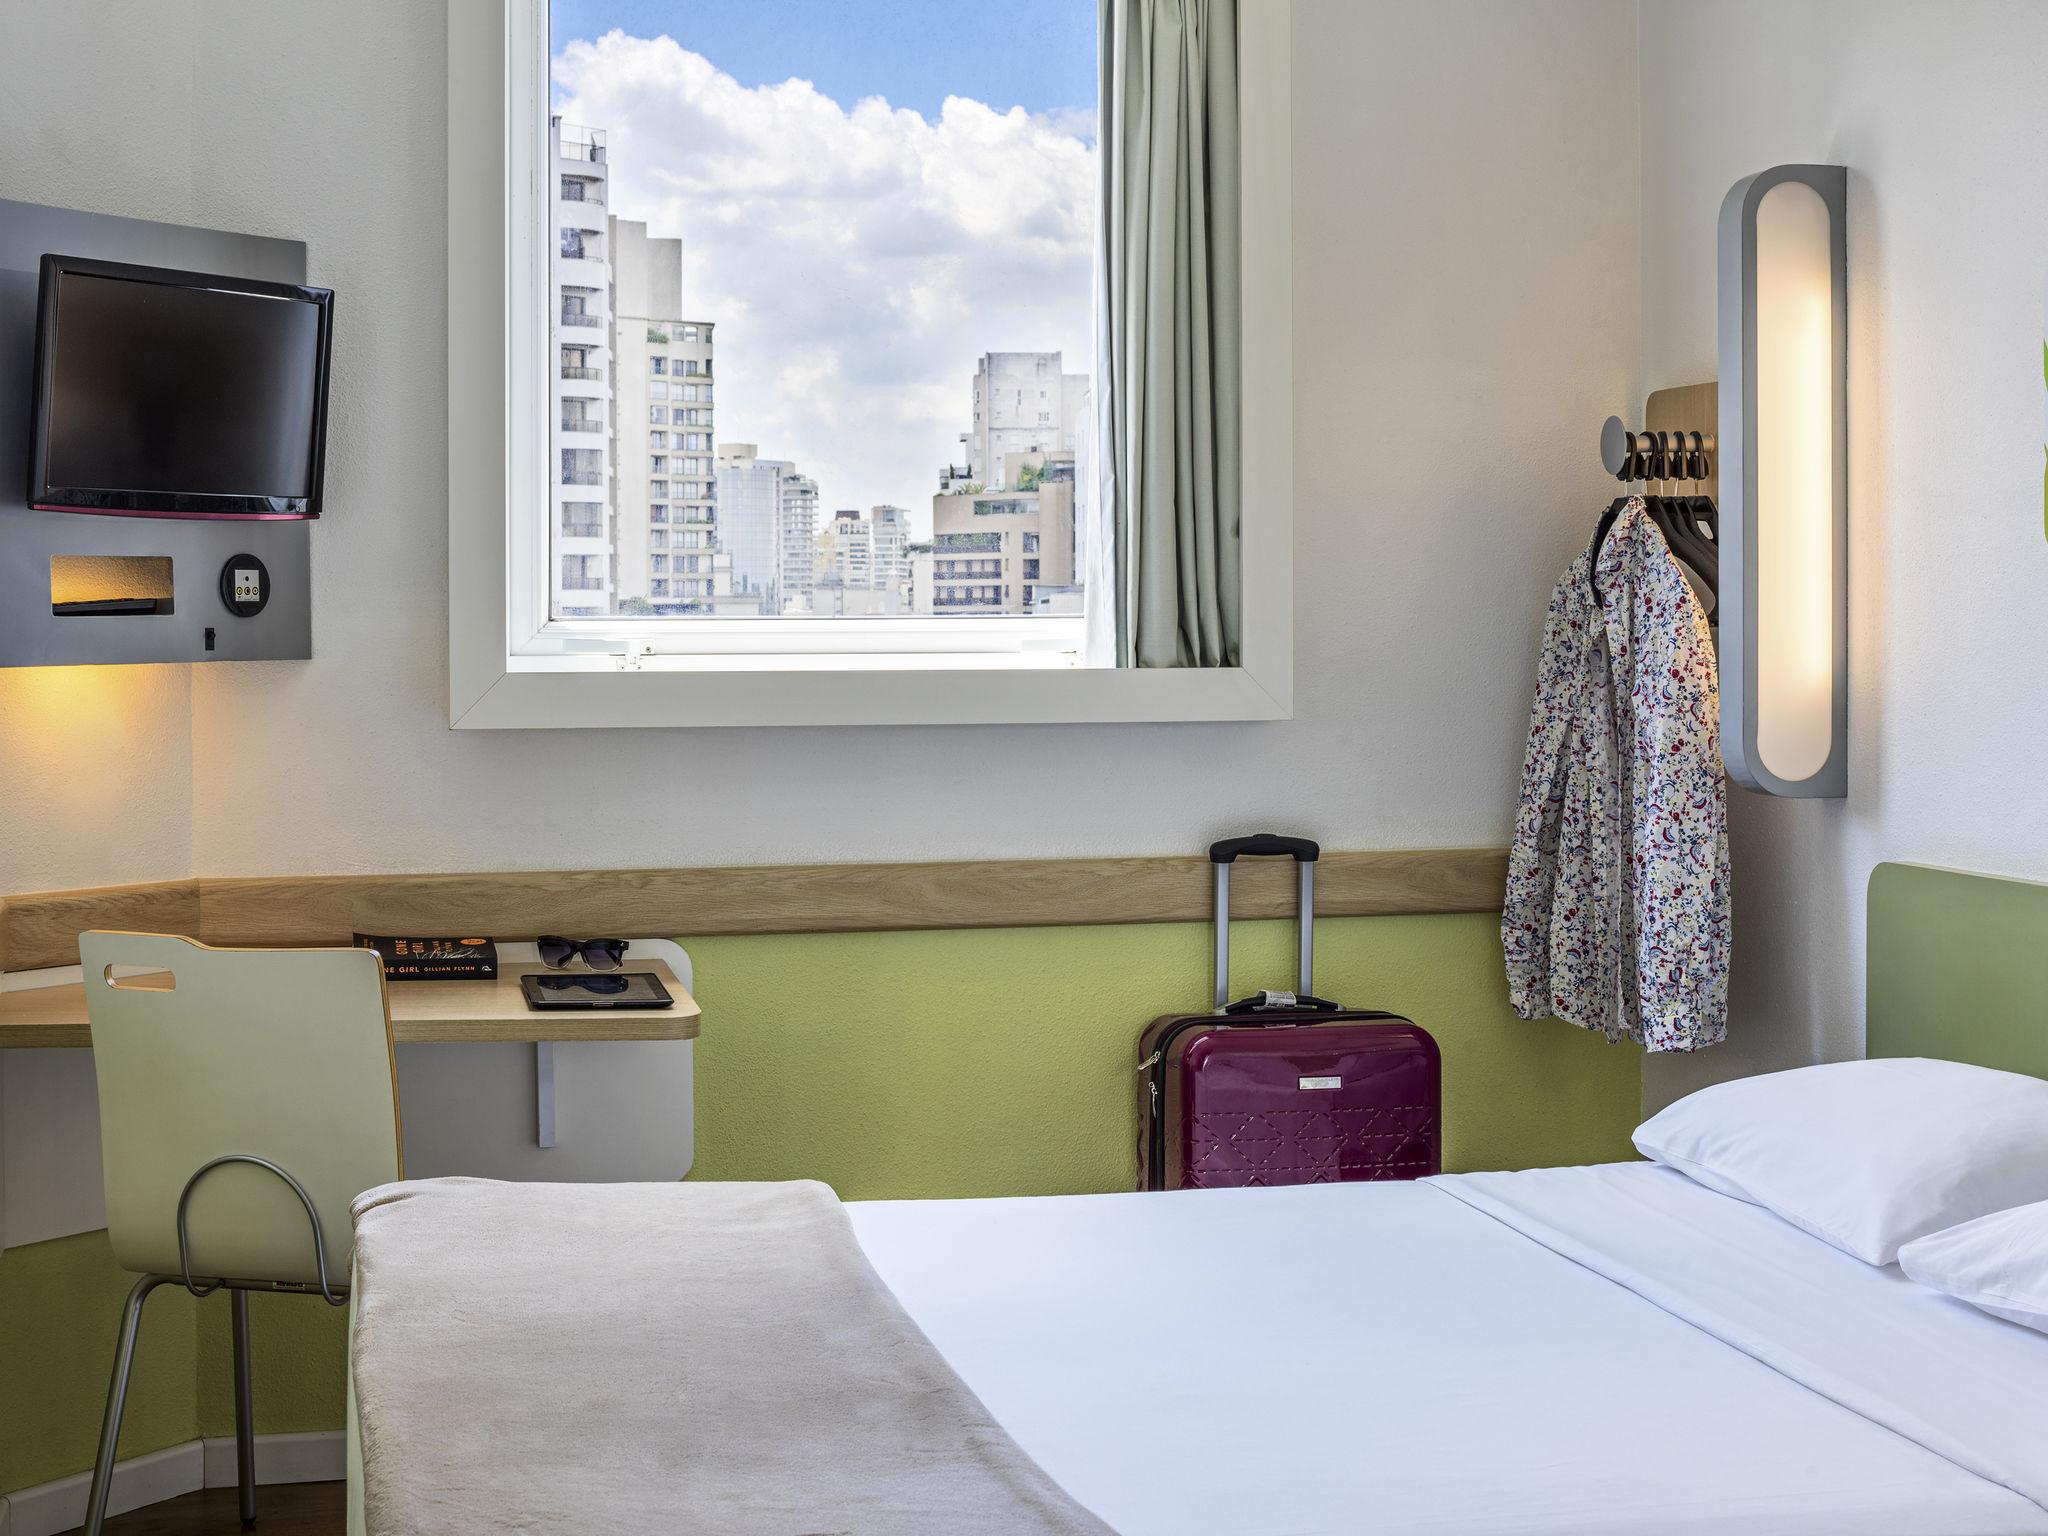 酒店 – 宜必思快捷圣保罗雅尔丁酒店